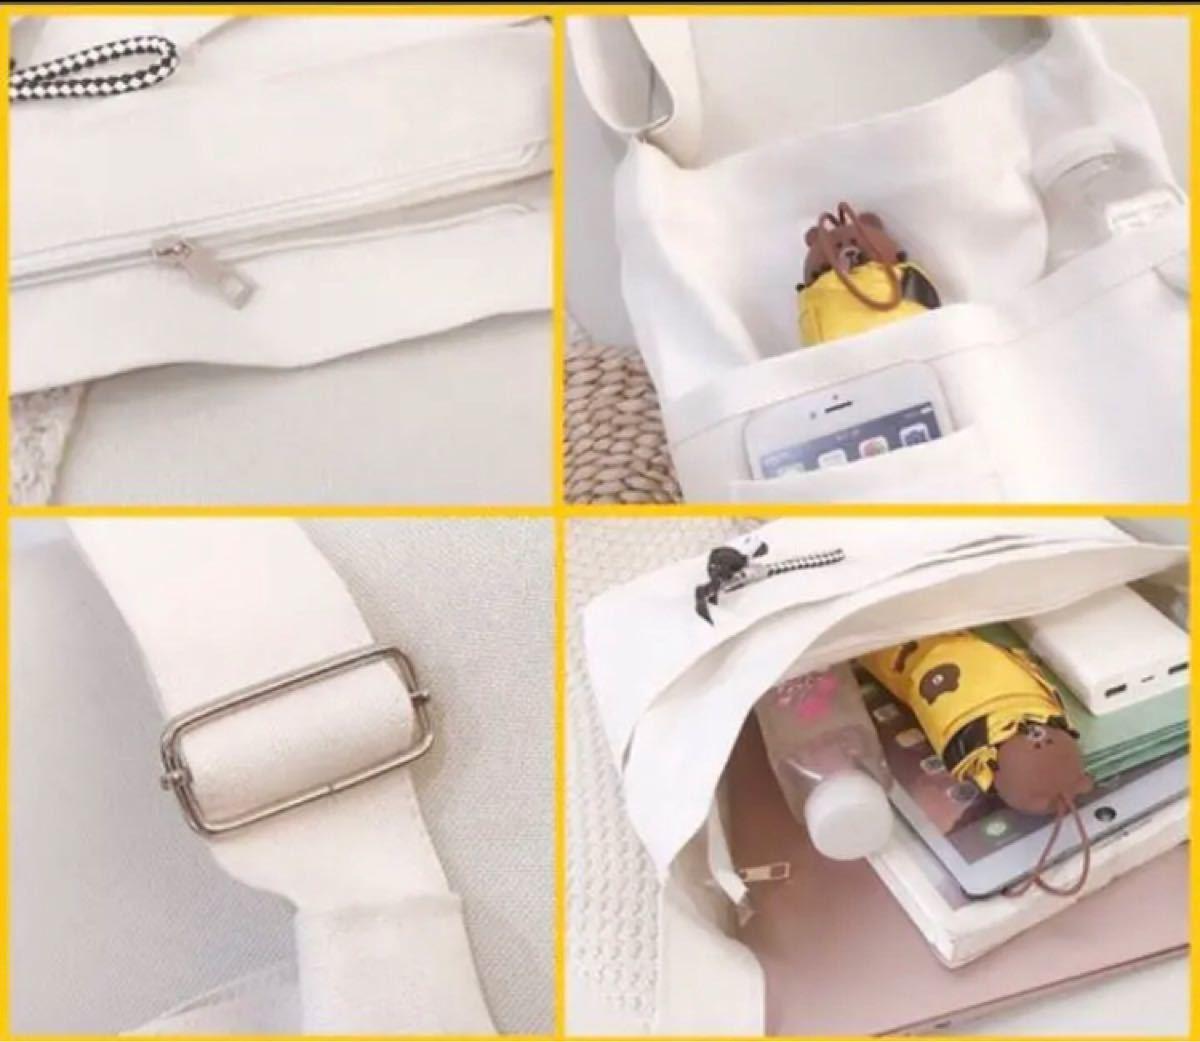 トートバッグ 白 レディースバッグ ショルダーバッグ ホワイト メンズバッグ バッグ マザーズバッグ メンズバッグ ナチュラル